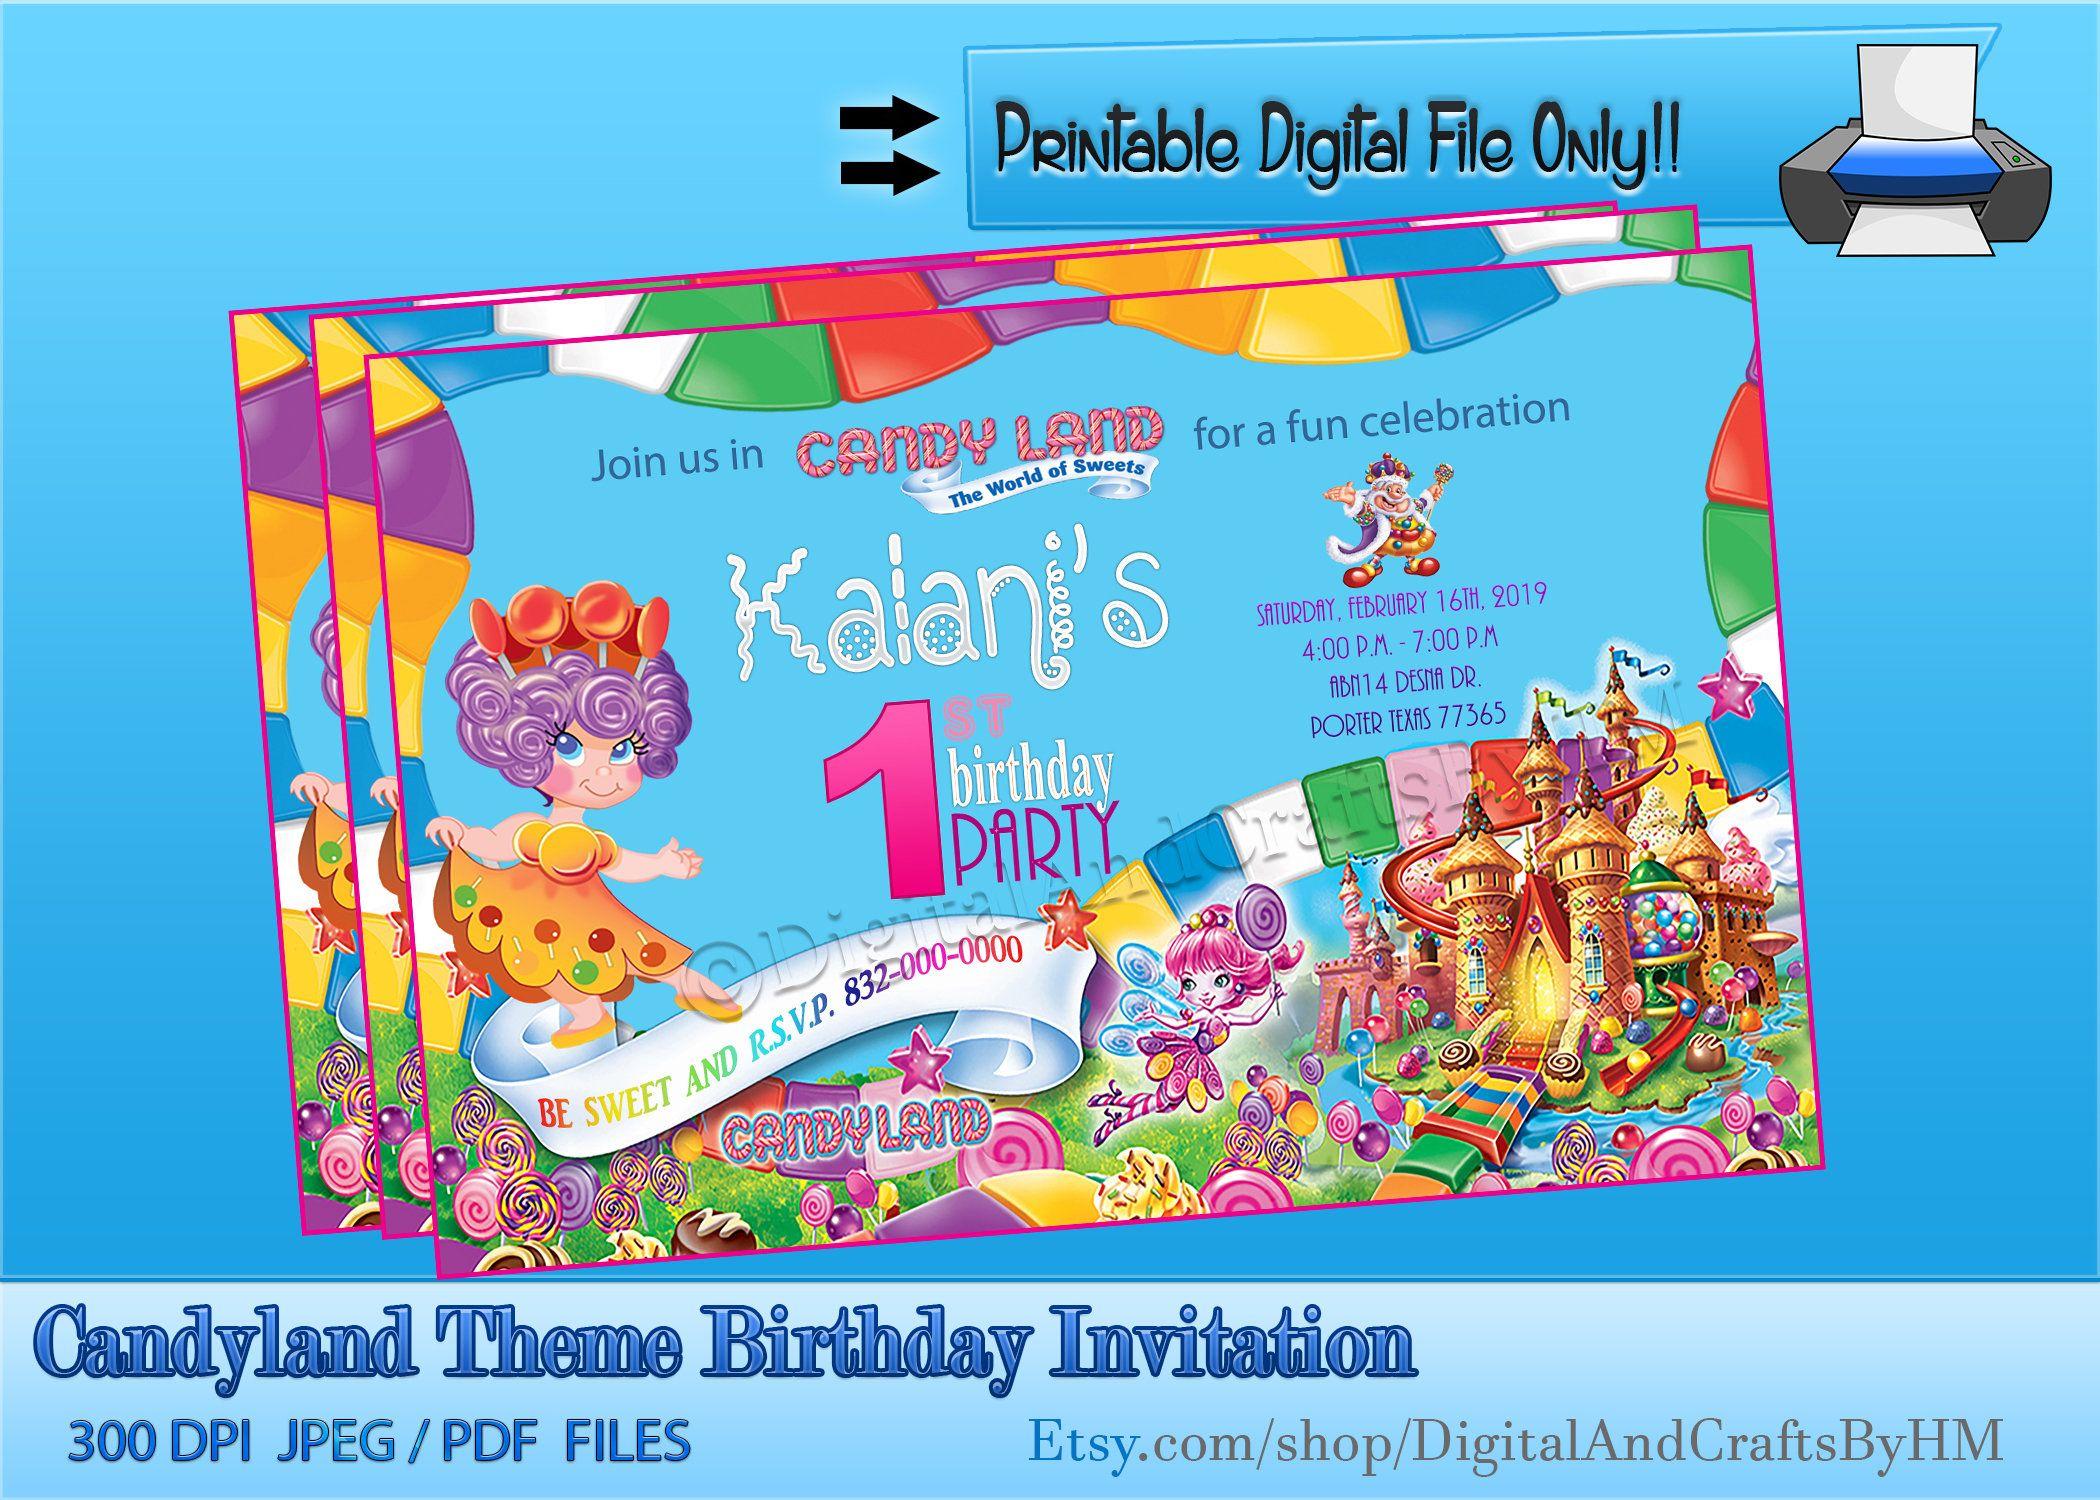 Candyland Theme Birthday InvitationCandyland Birthday